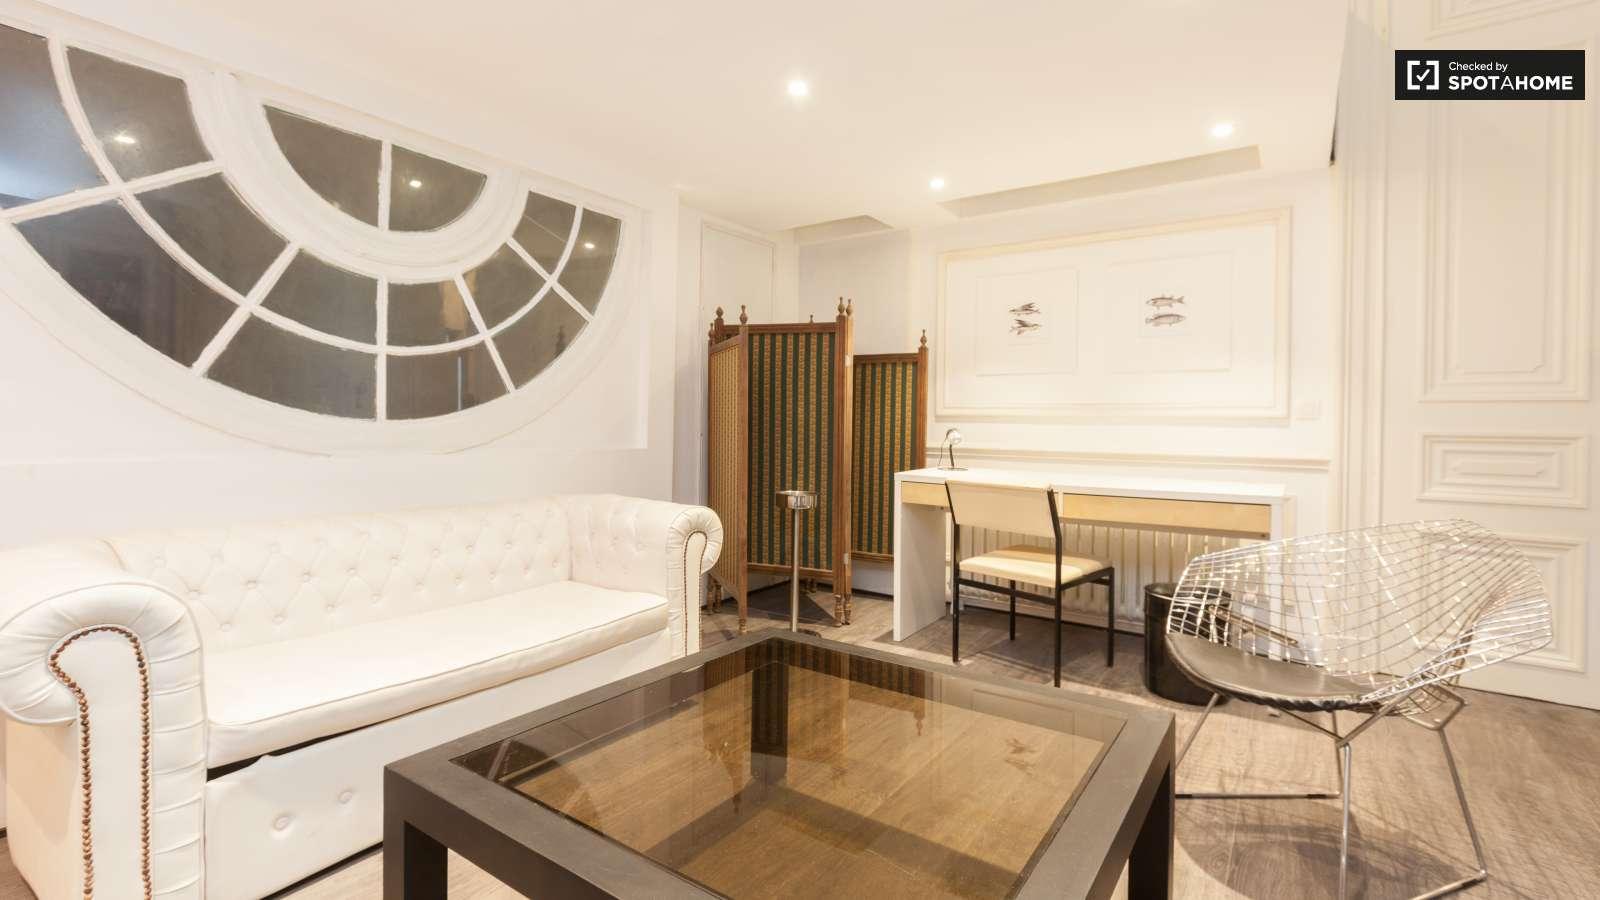 Chambres louer proche parlement europ en ixelles - Appartement a louer a bruxelles 3 chambres ...